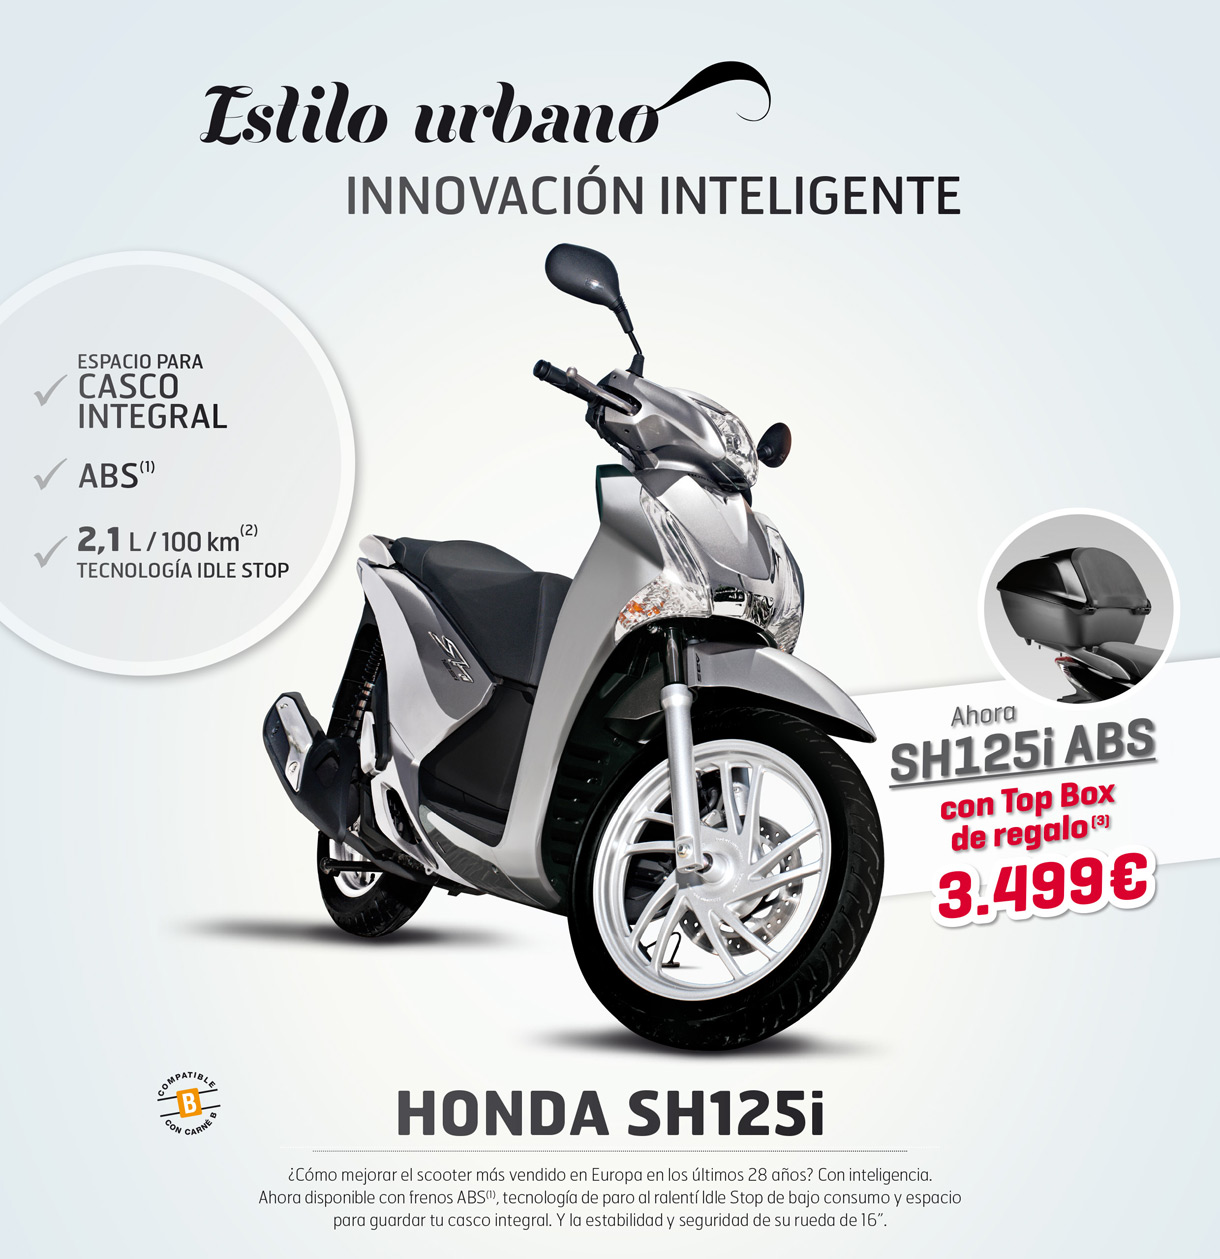 Honda Scoopy SH125i ABS, con baúl de regalo